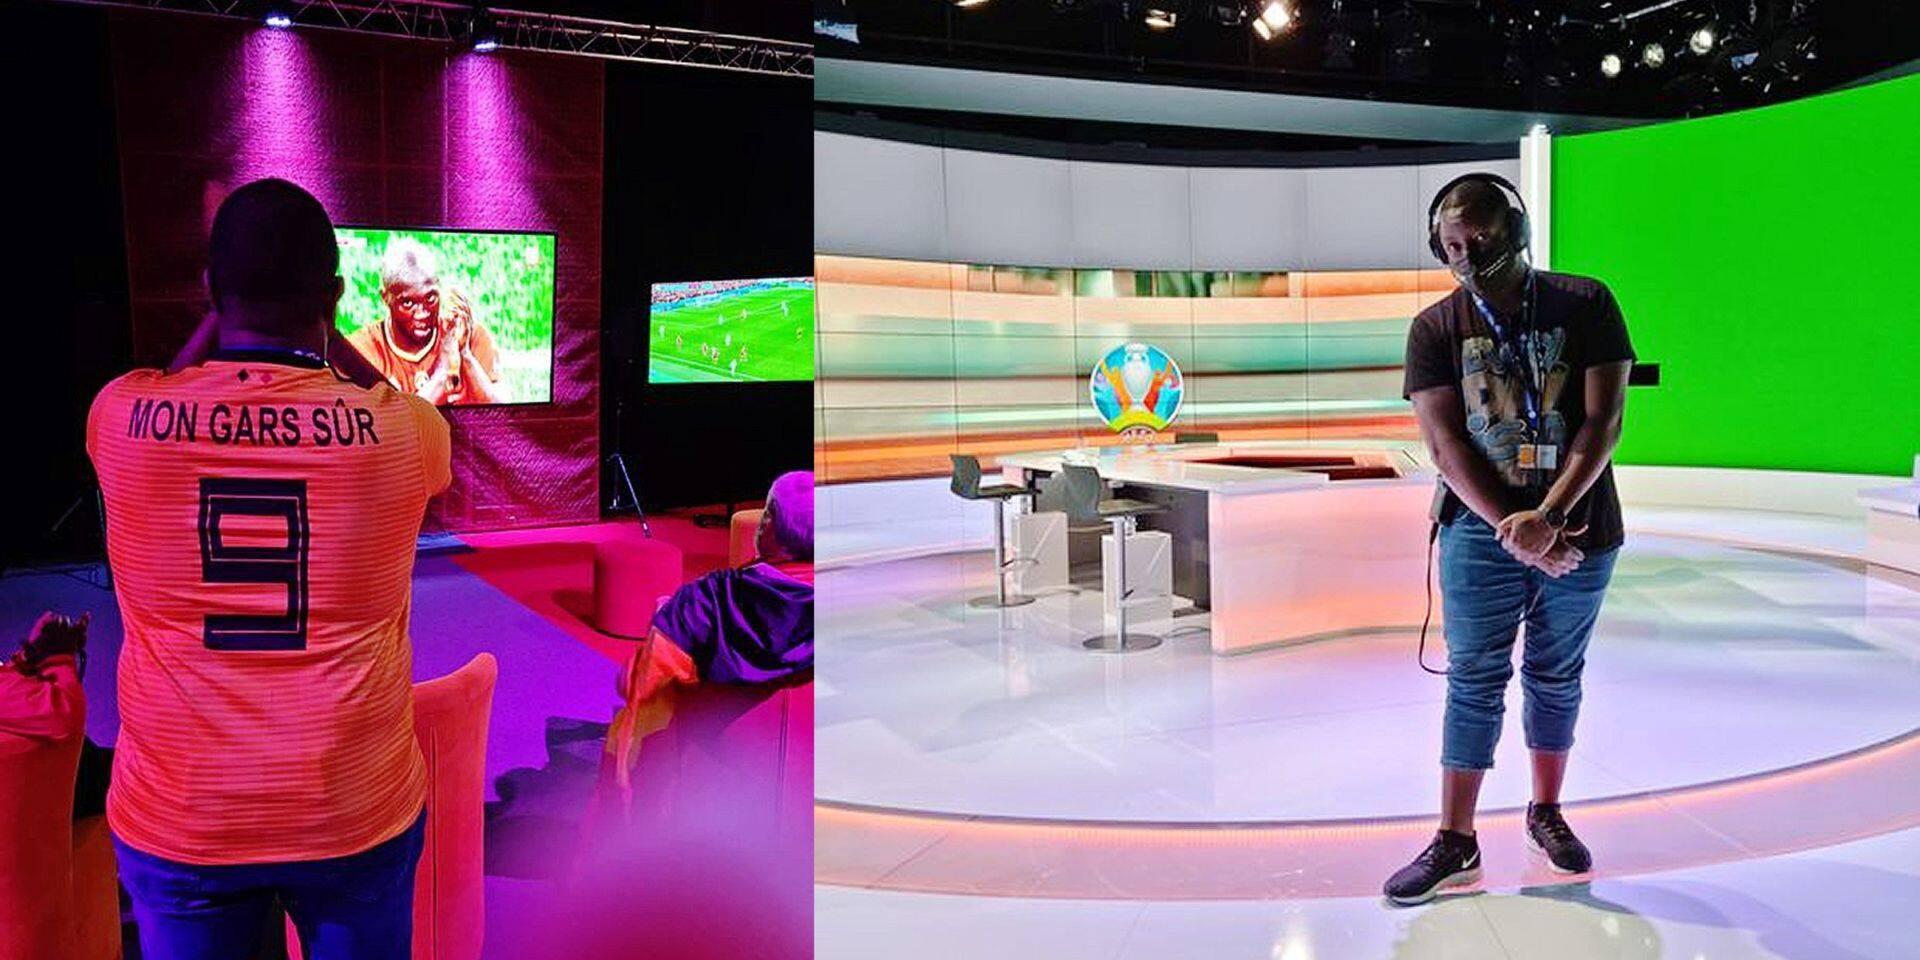 """Sum chauffe à blanc les supporters durant l'Euro sur le plateau de la RTBF: """"On est une grande famille!"""""""